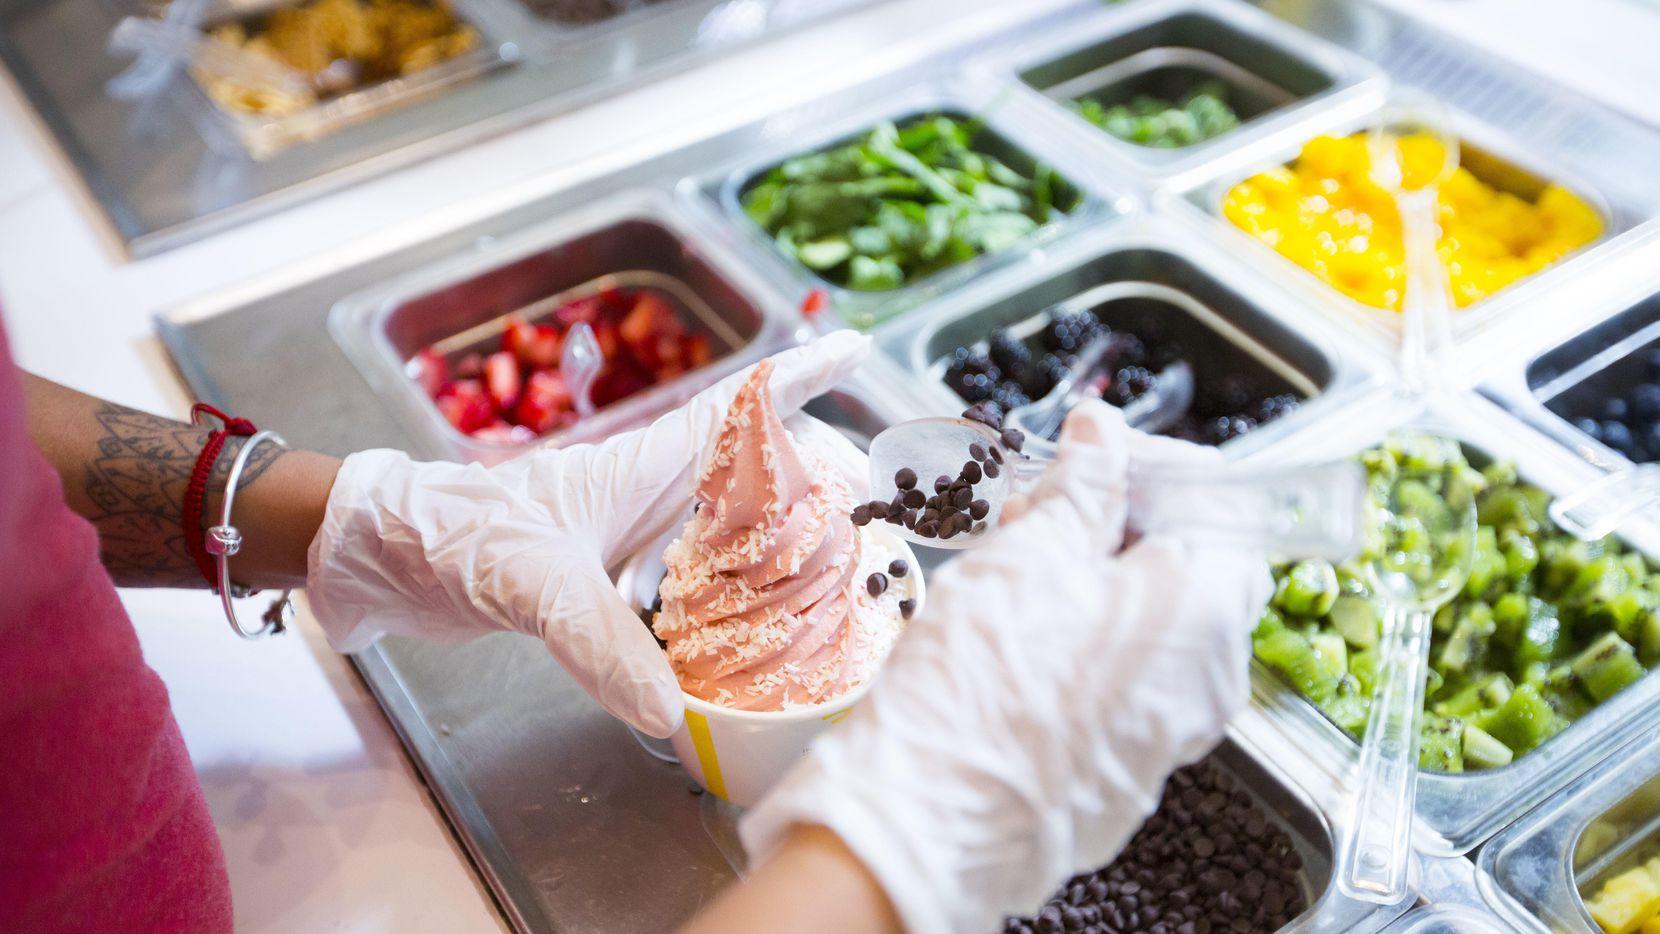 Una porción de nieve sabor fresa elaborada con ingredientes vegetales en Chloe's Soft Serve Fruit Co. de Nueva York.(AP)